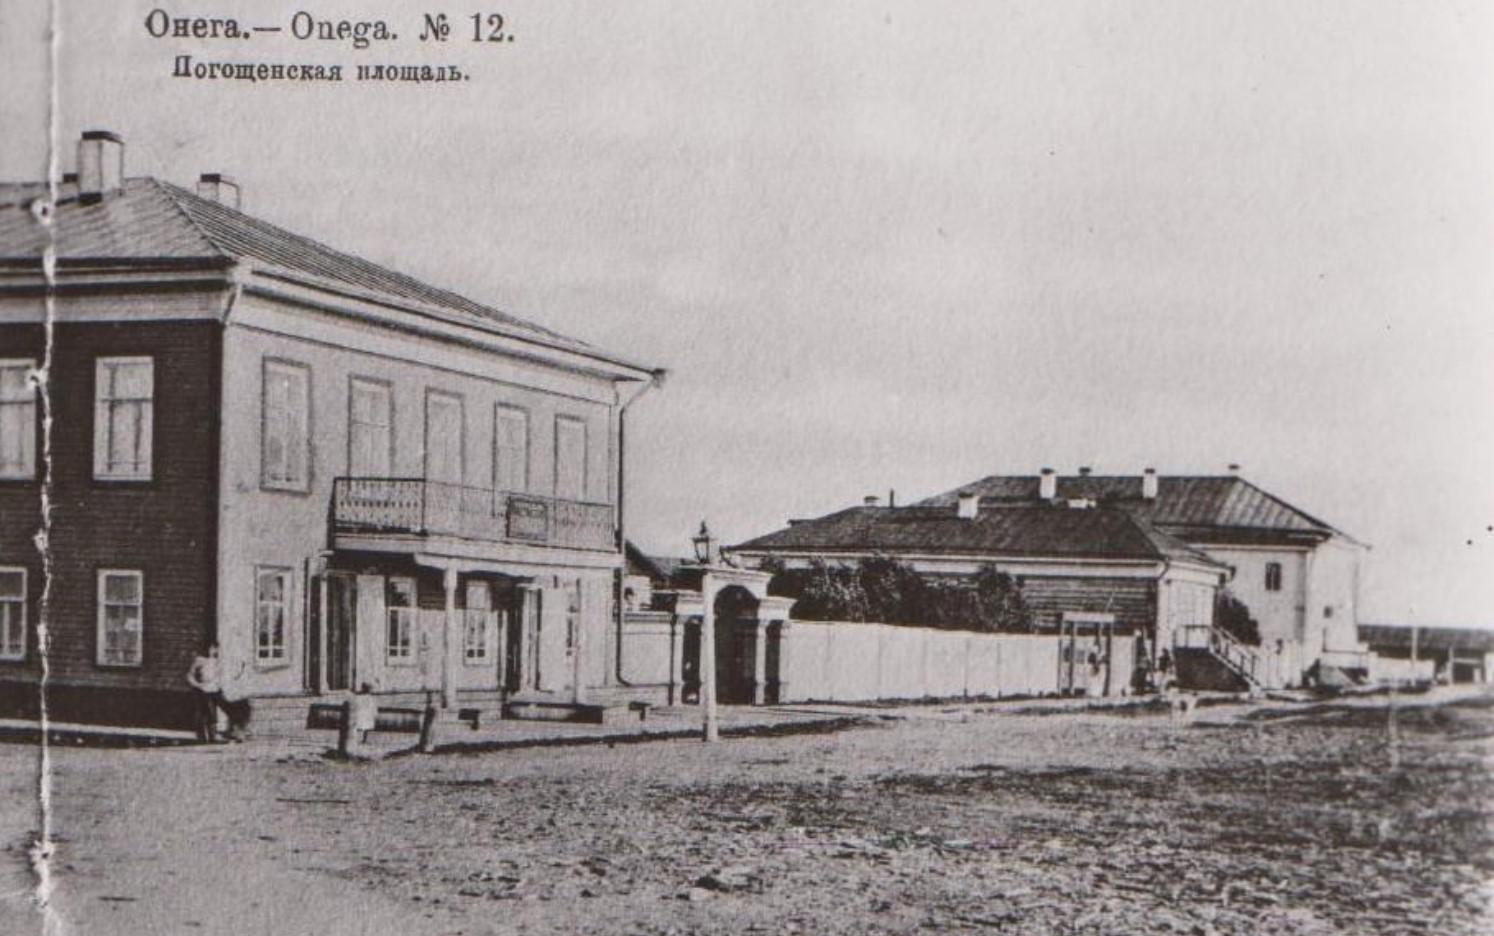 Погощенская площадь